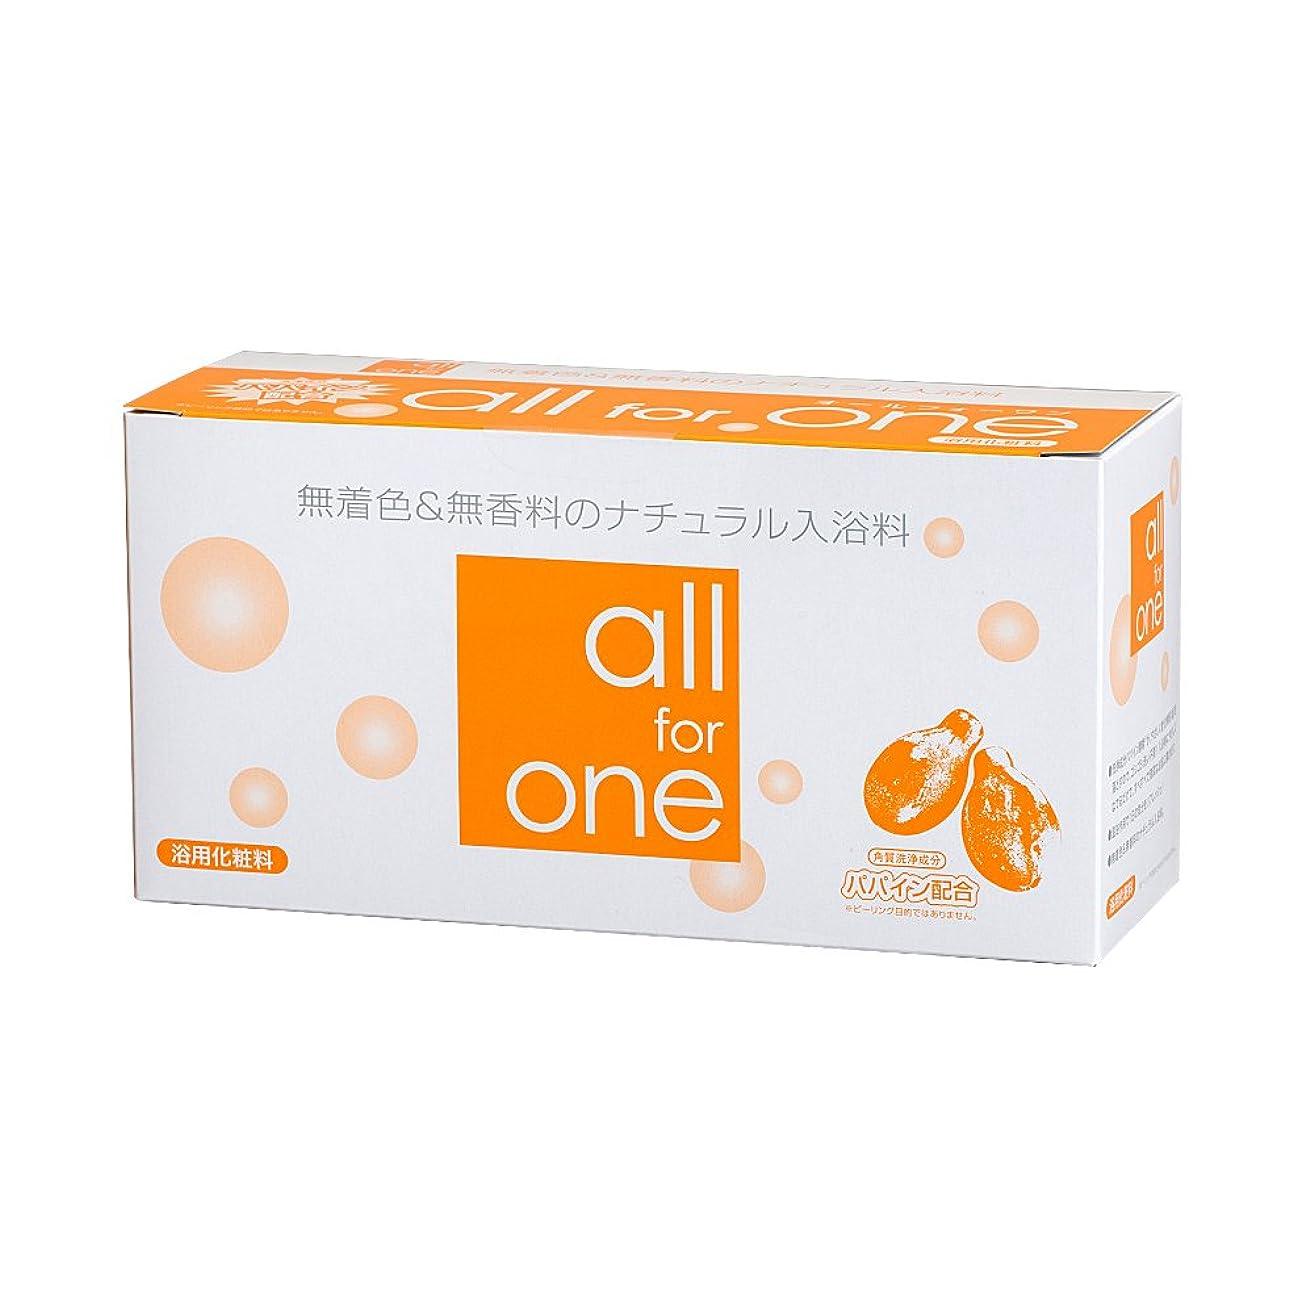 疑問に思うの慈悲で表示パパイン酵素配合 無着色&無香料 ナチュラル入浴剤 all for one 30包